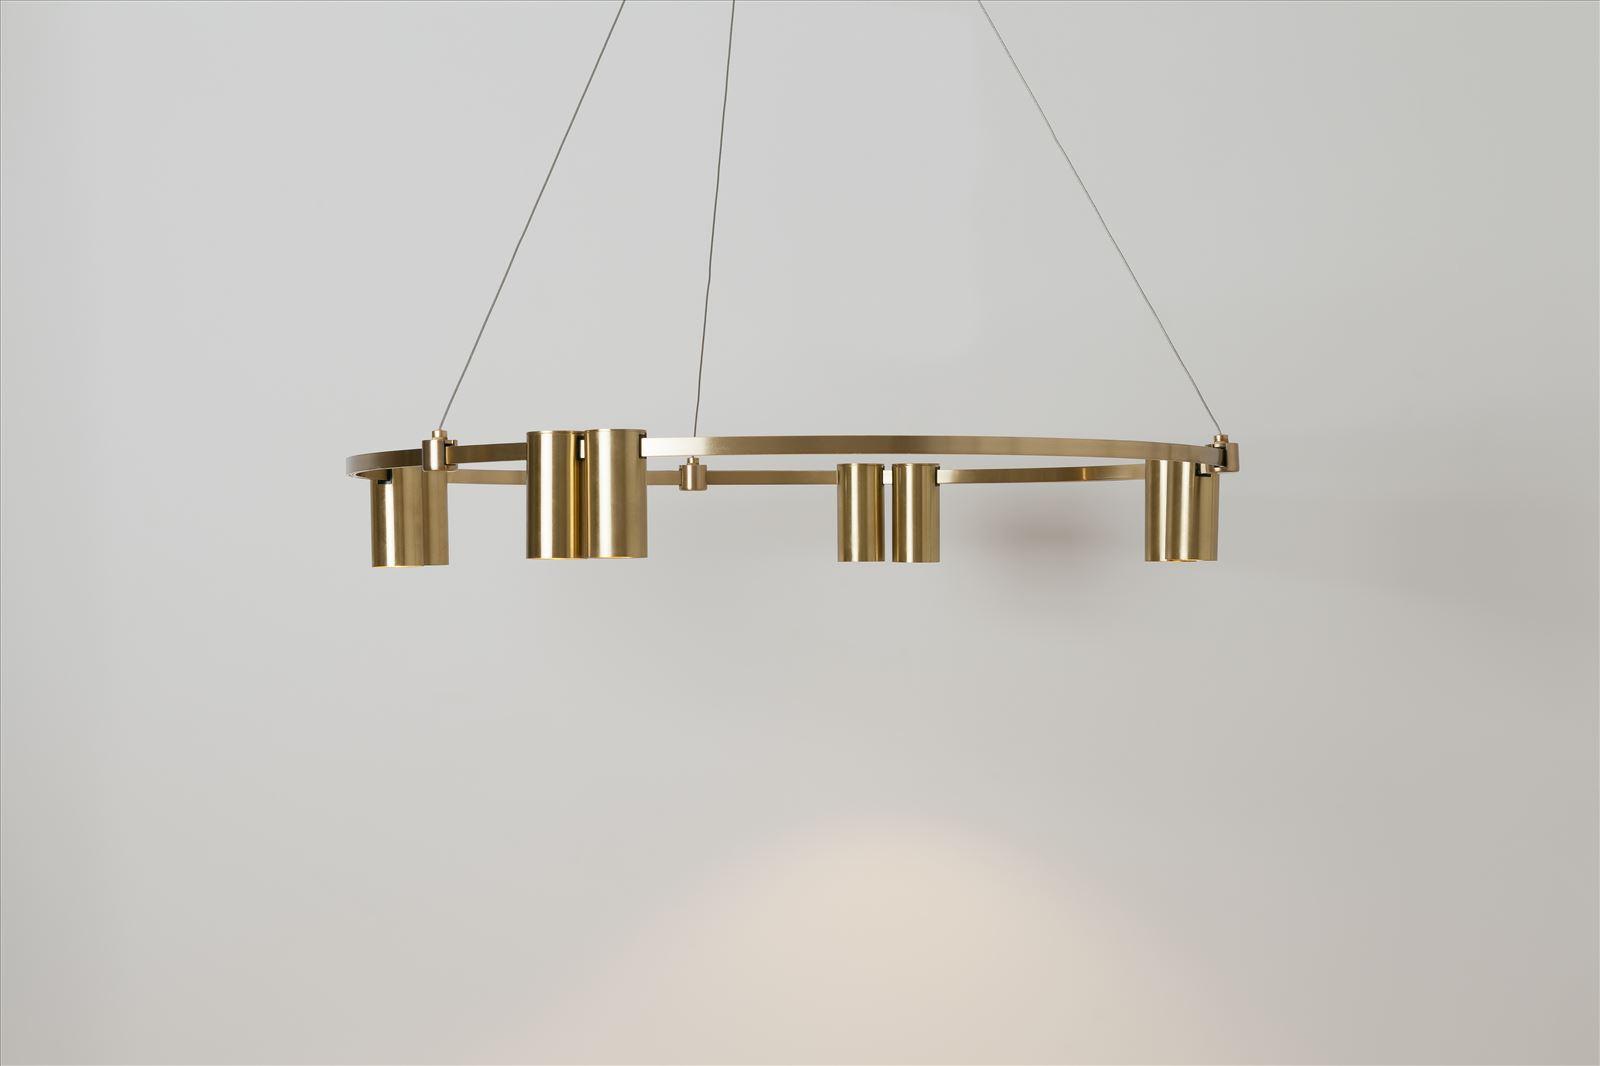 גופי תאורה מקטגוריית: גופי תאורה בייצור מיוחד ,שם המוצר: INTERPRIZE